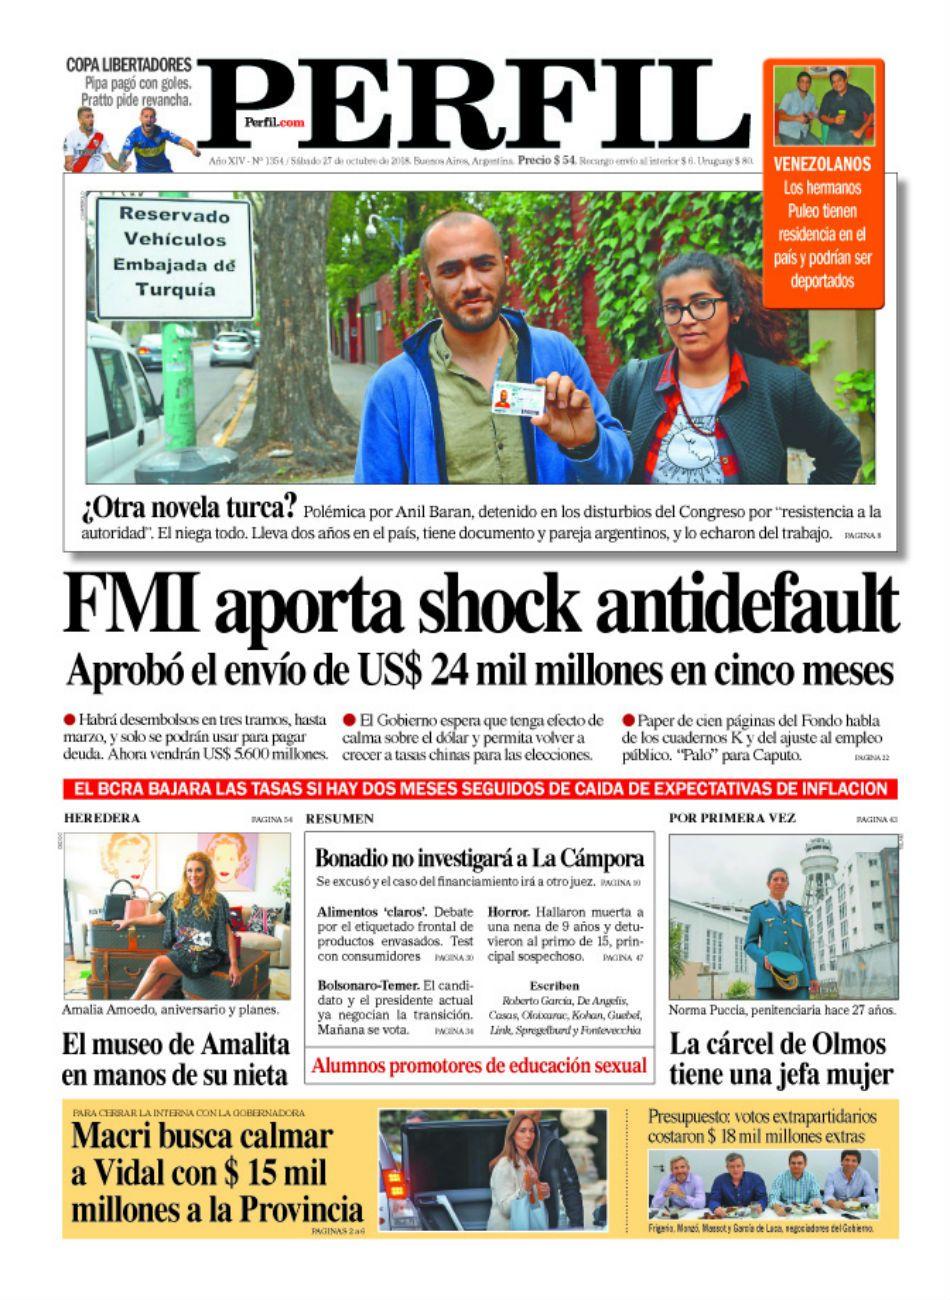 La tapa de la edición impresa de Diario PERFIL del sábado 27 de octubre de 2018.